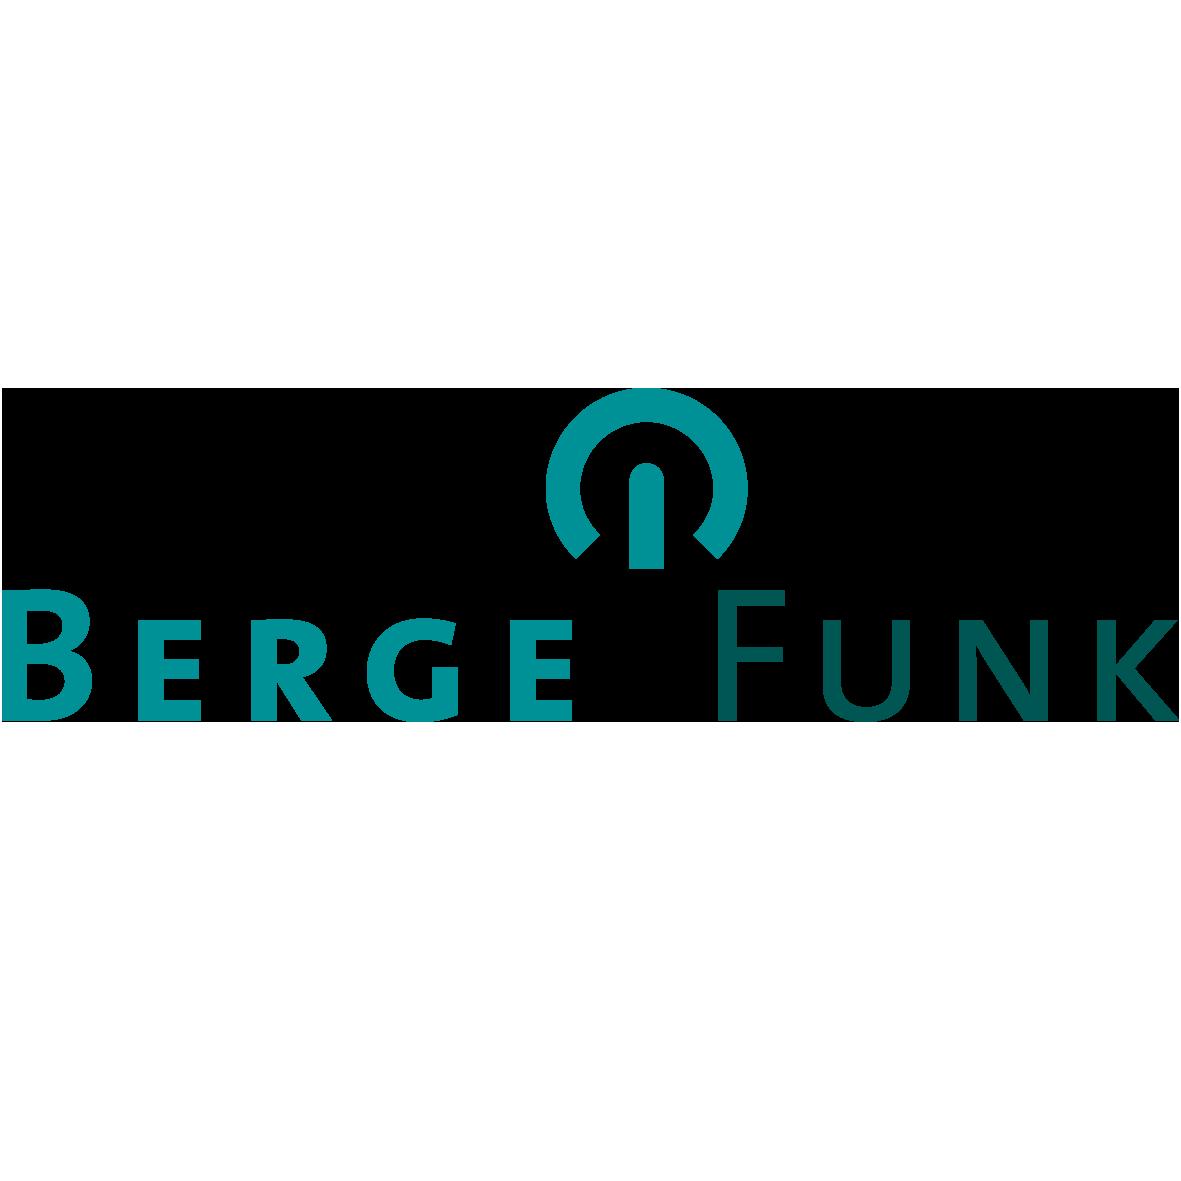 Berge Funk